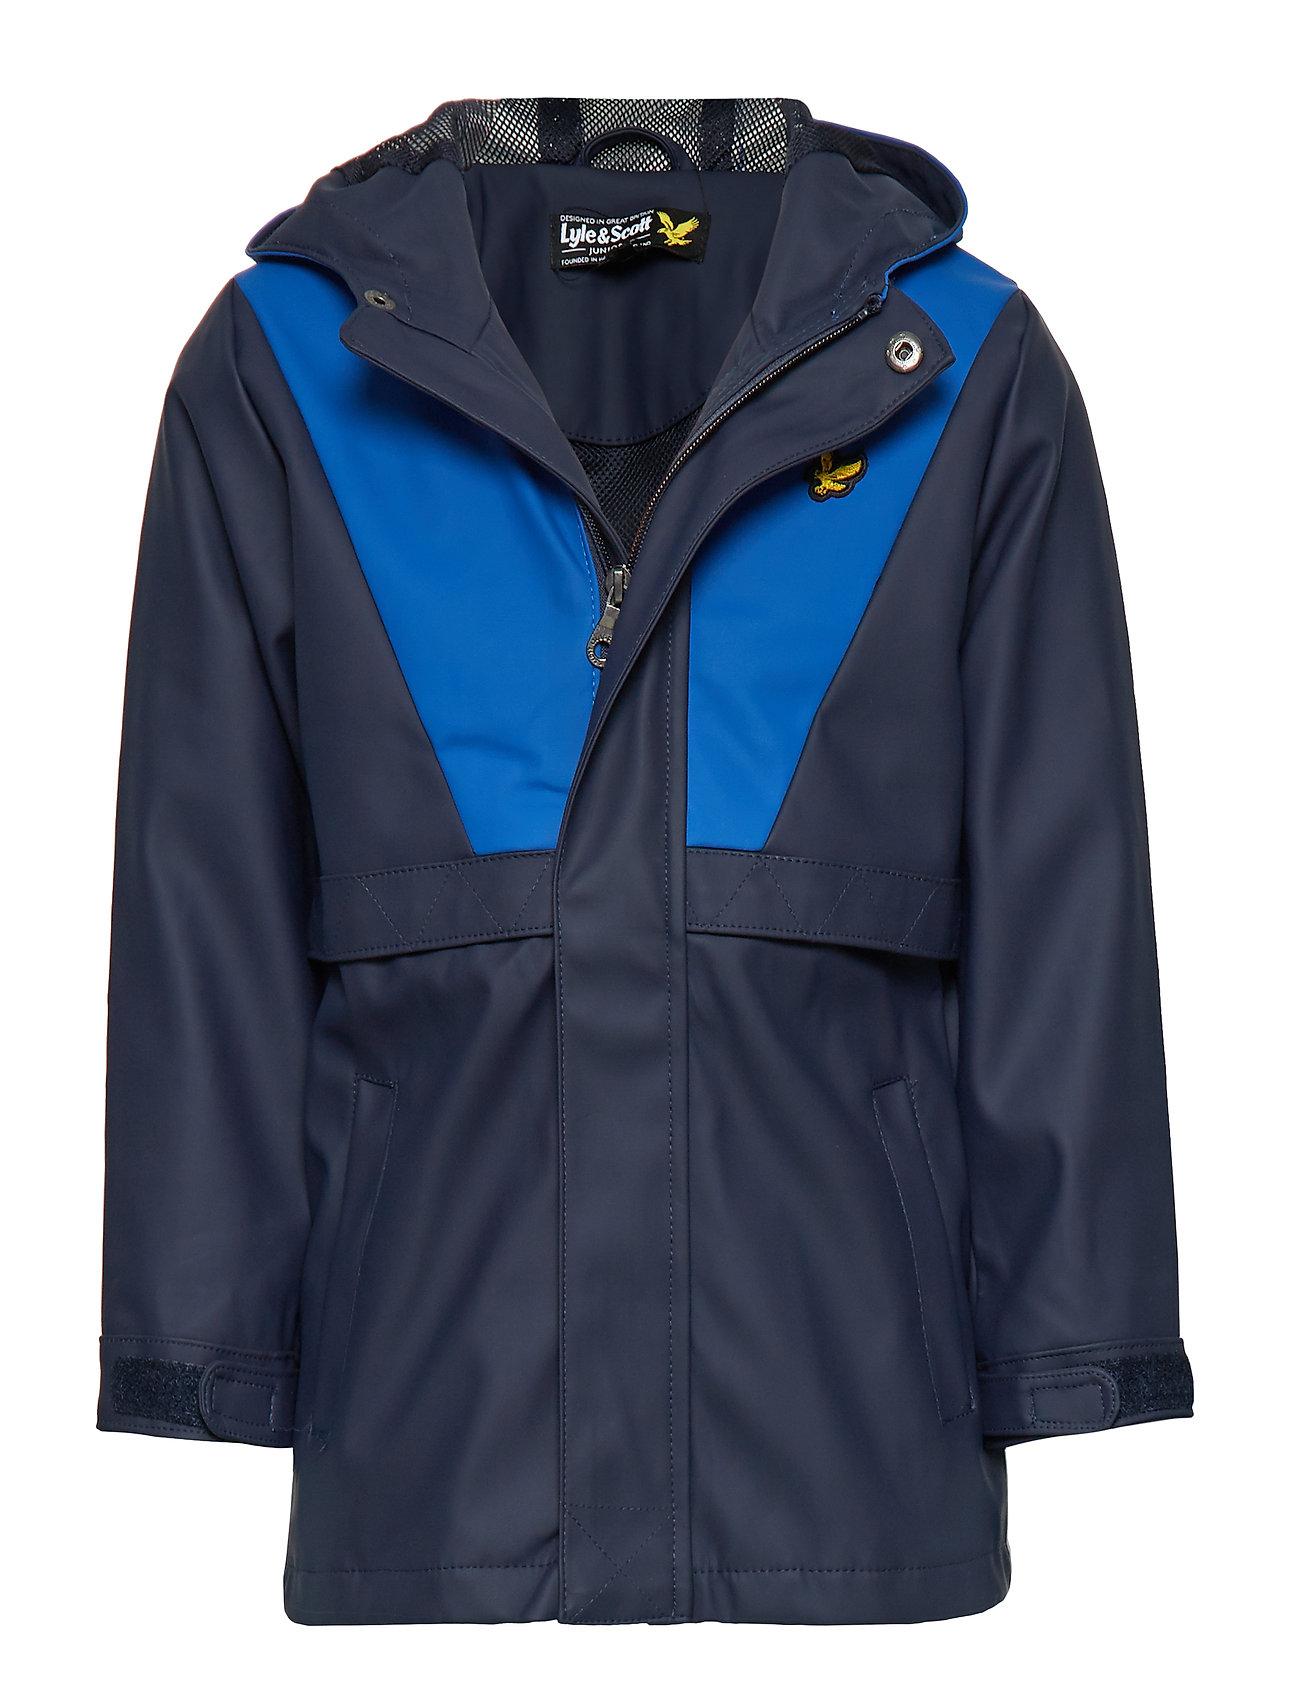 Zip Through Showerproof Jacket Outerwear Rainwear Jackets Blå Lyle & Scott Junior